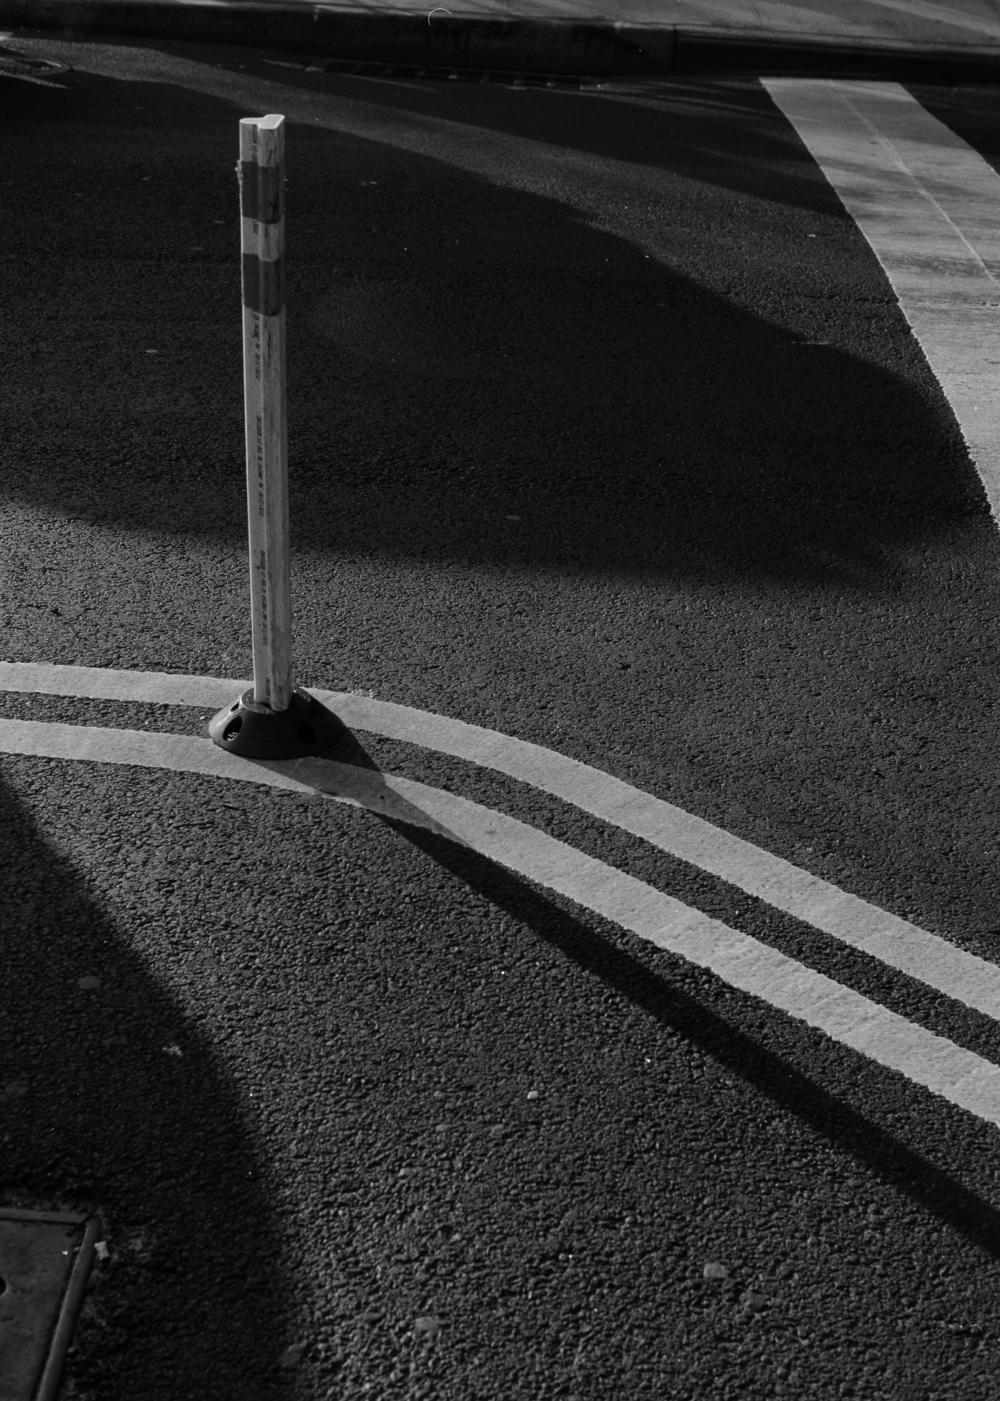 shadowstudy_020.jpg